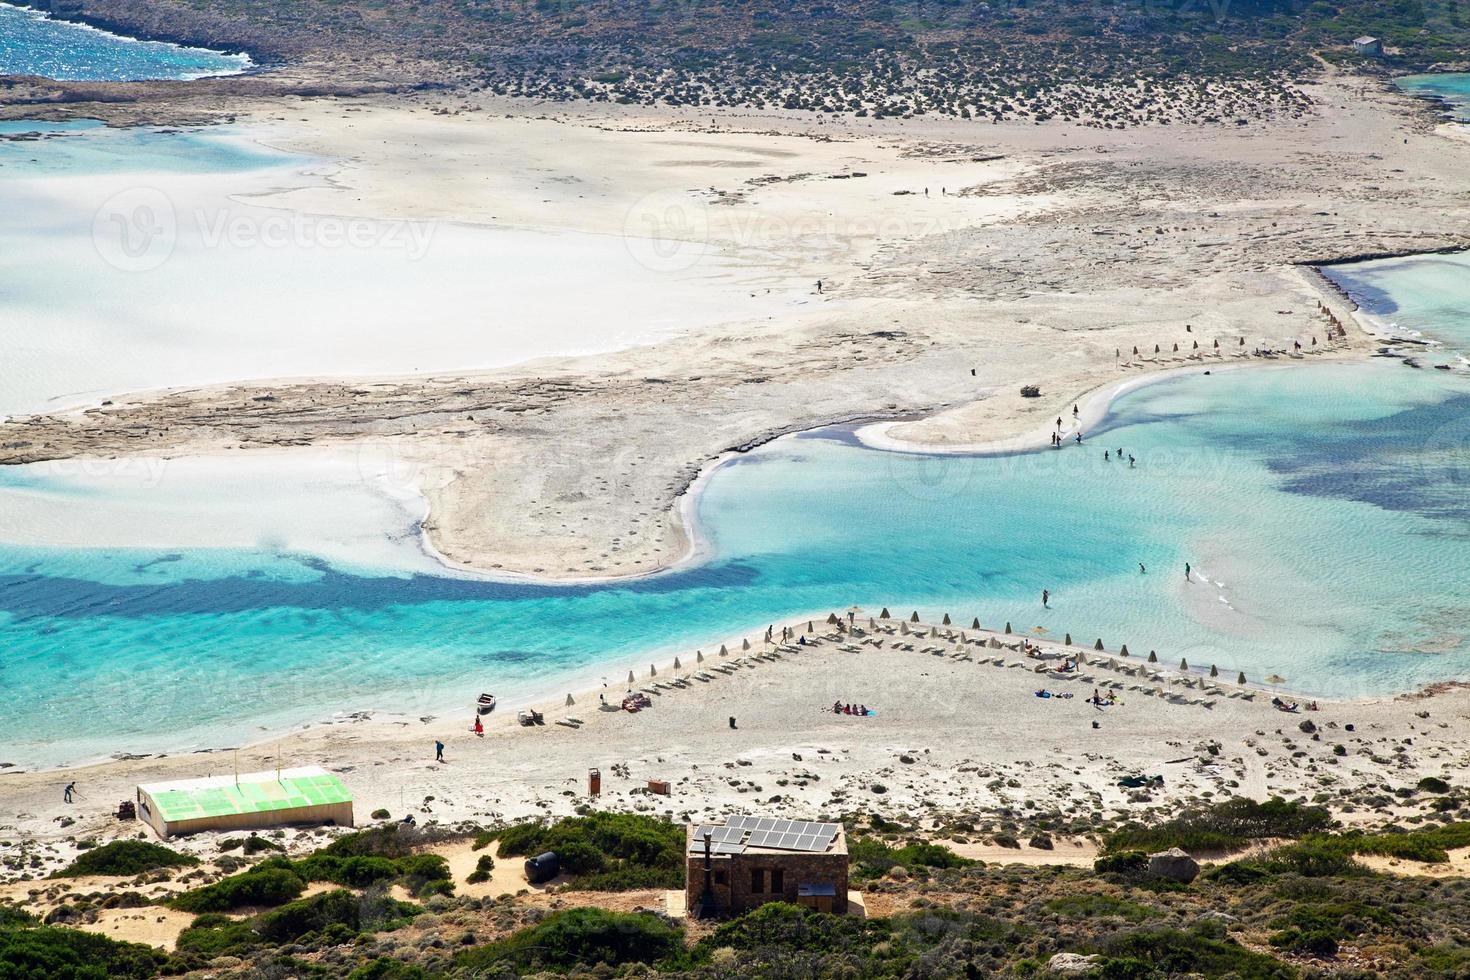 playa de arena blanca y pura en balos foto